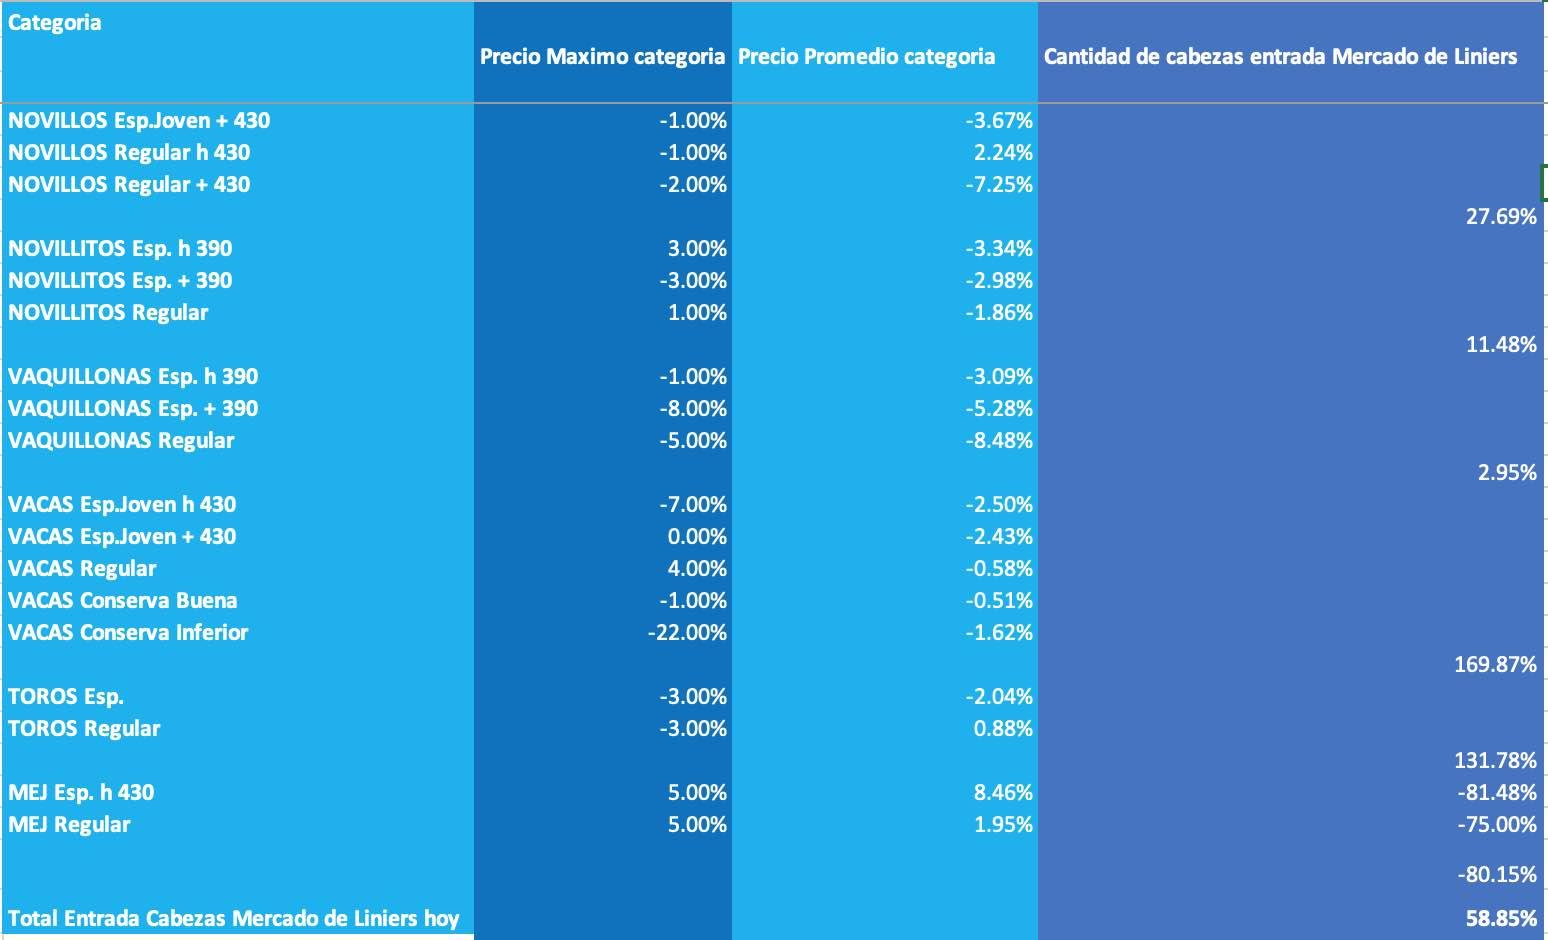 mercado de liniers precios abril 2002